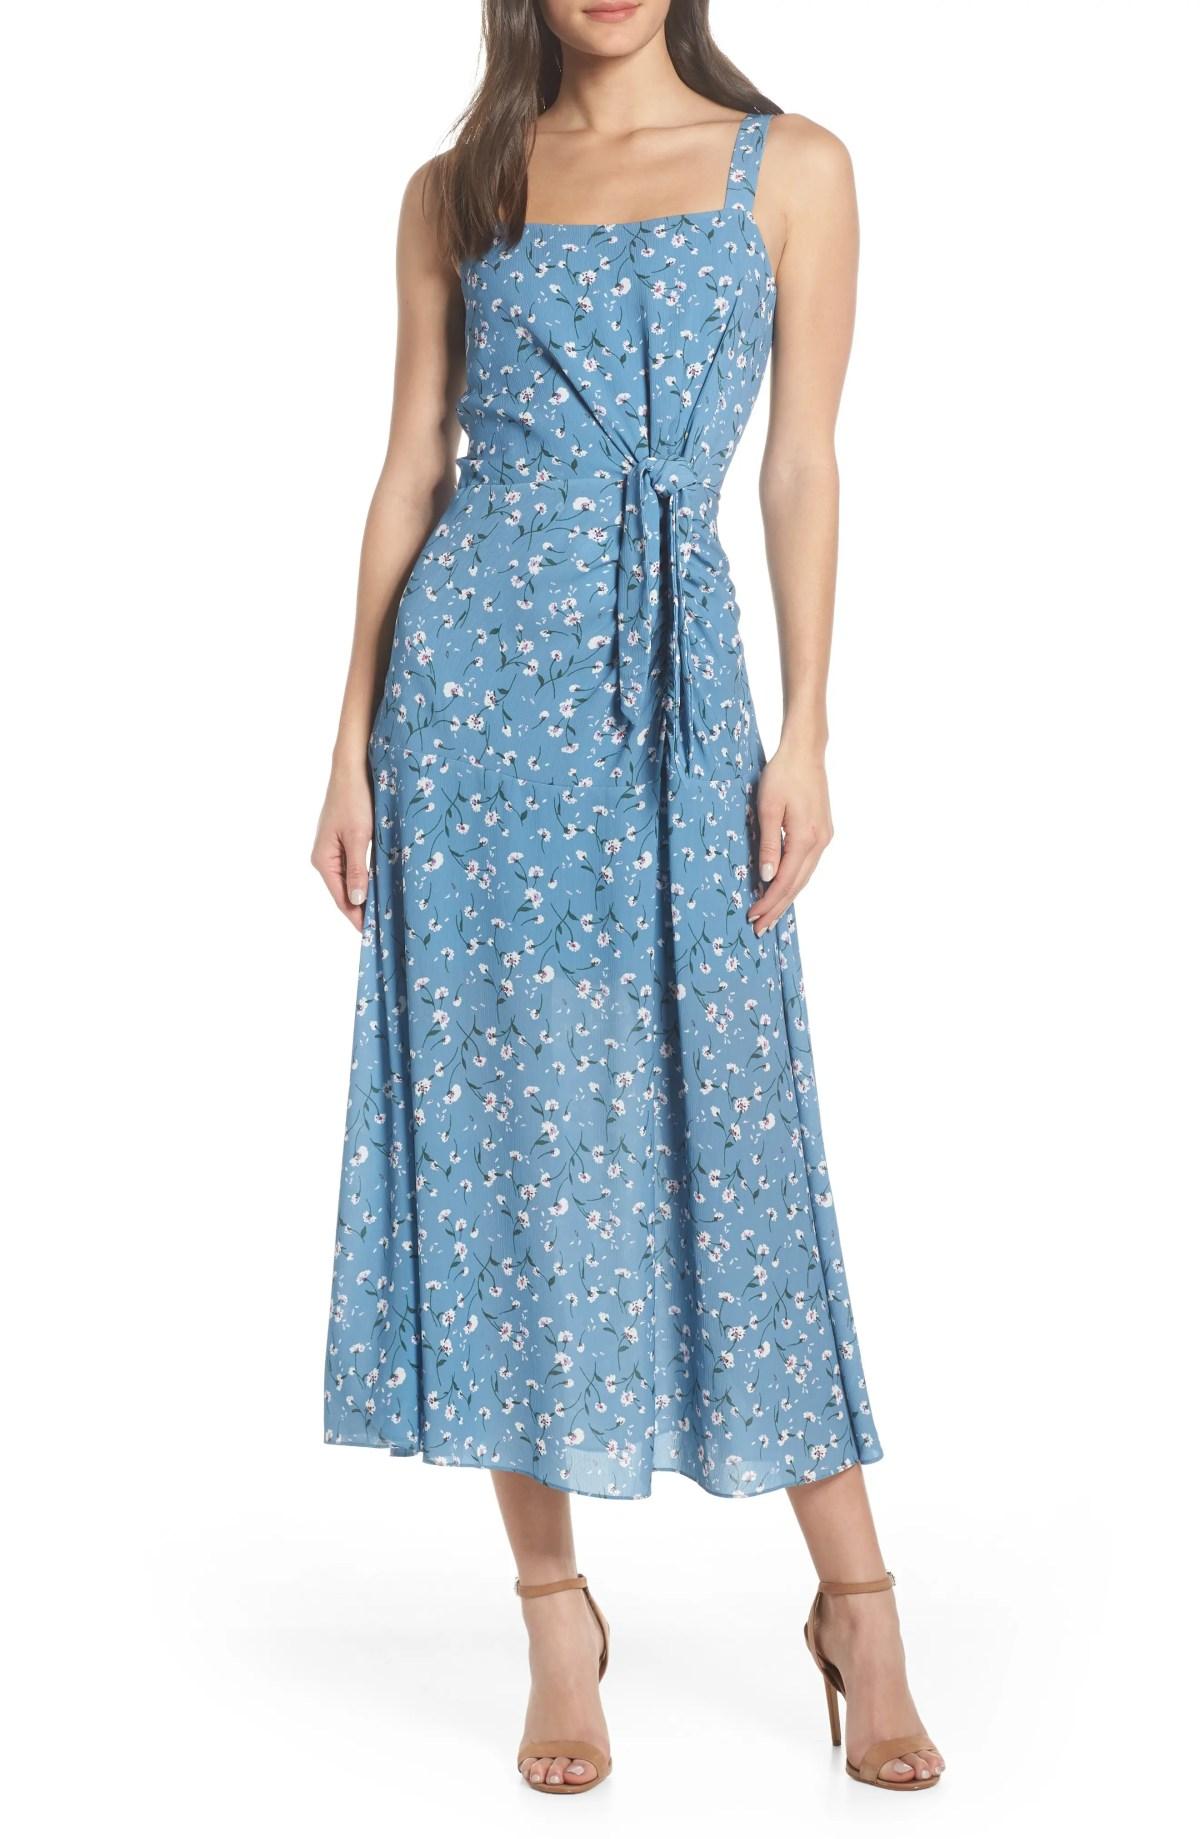 CHELSEA28 Floral Print Maxi Dress, Main, color, BLUE FLORAL